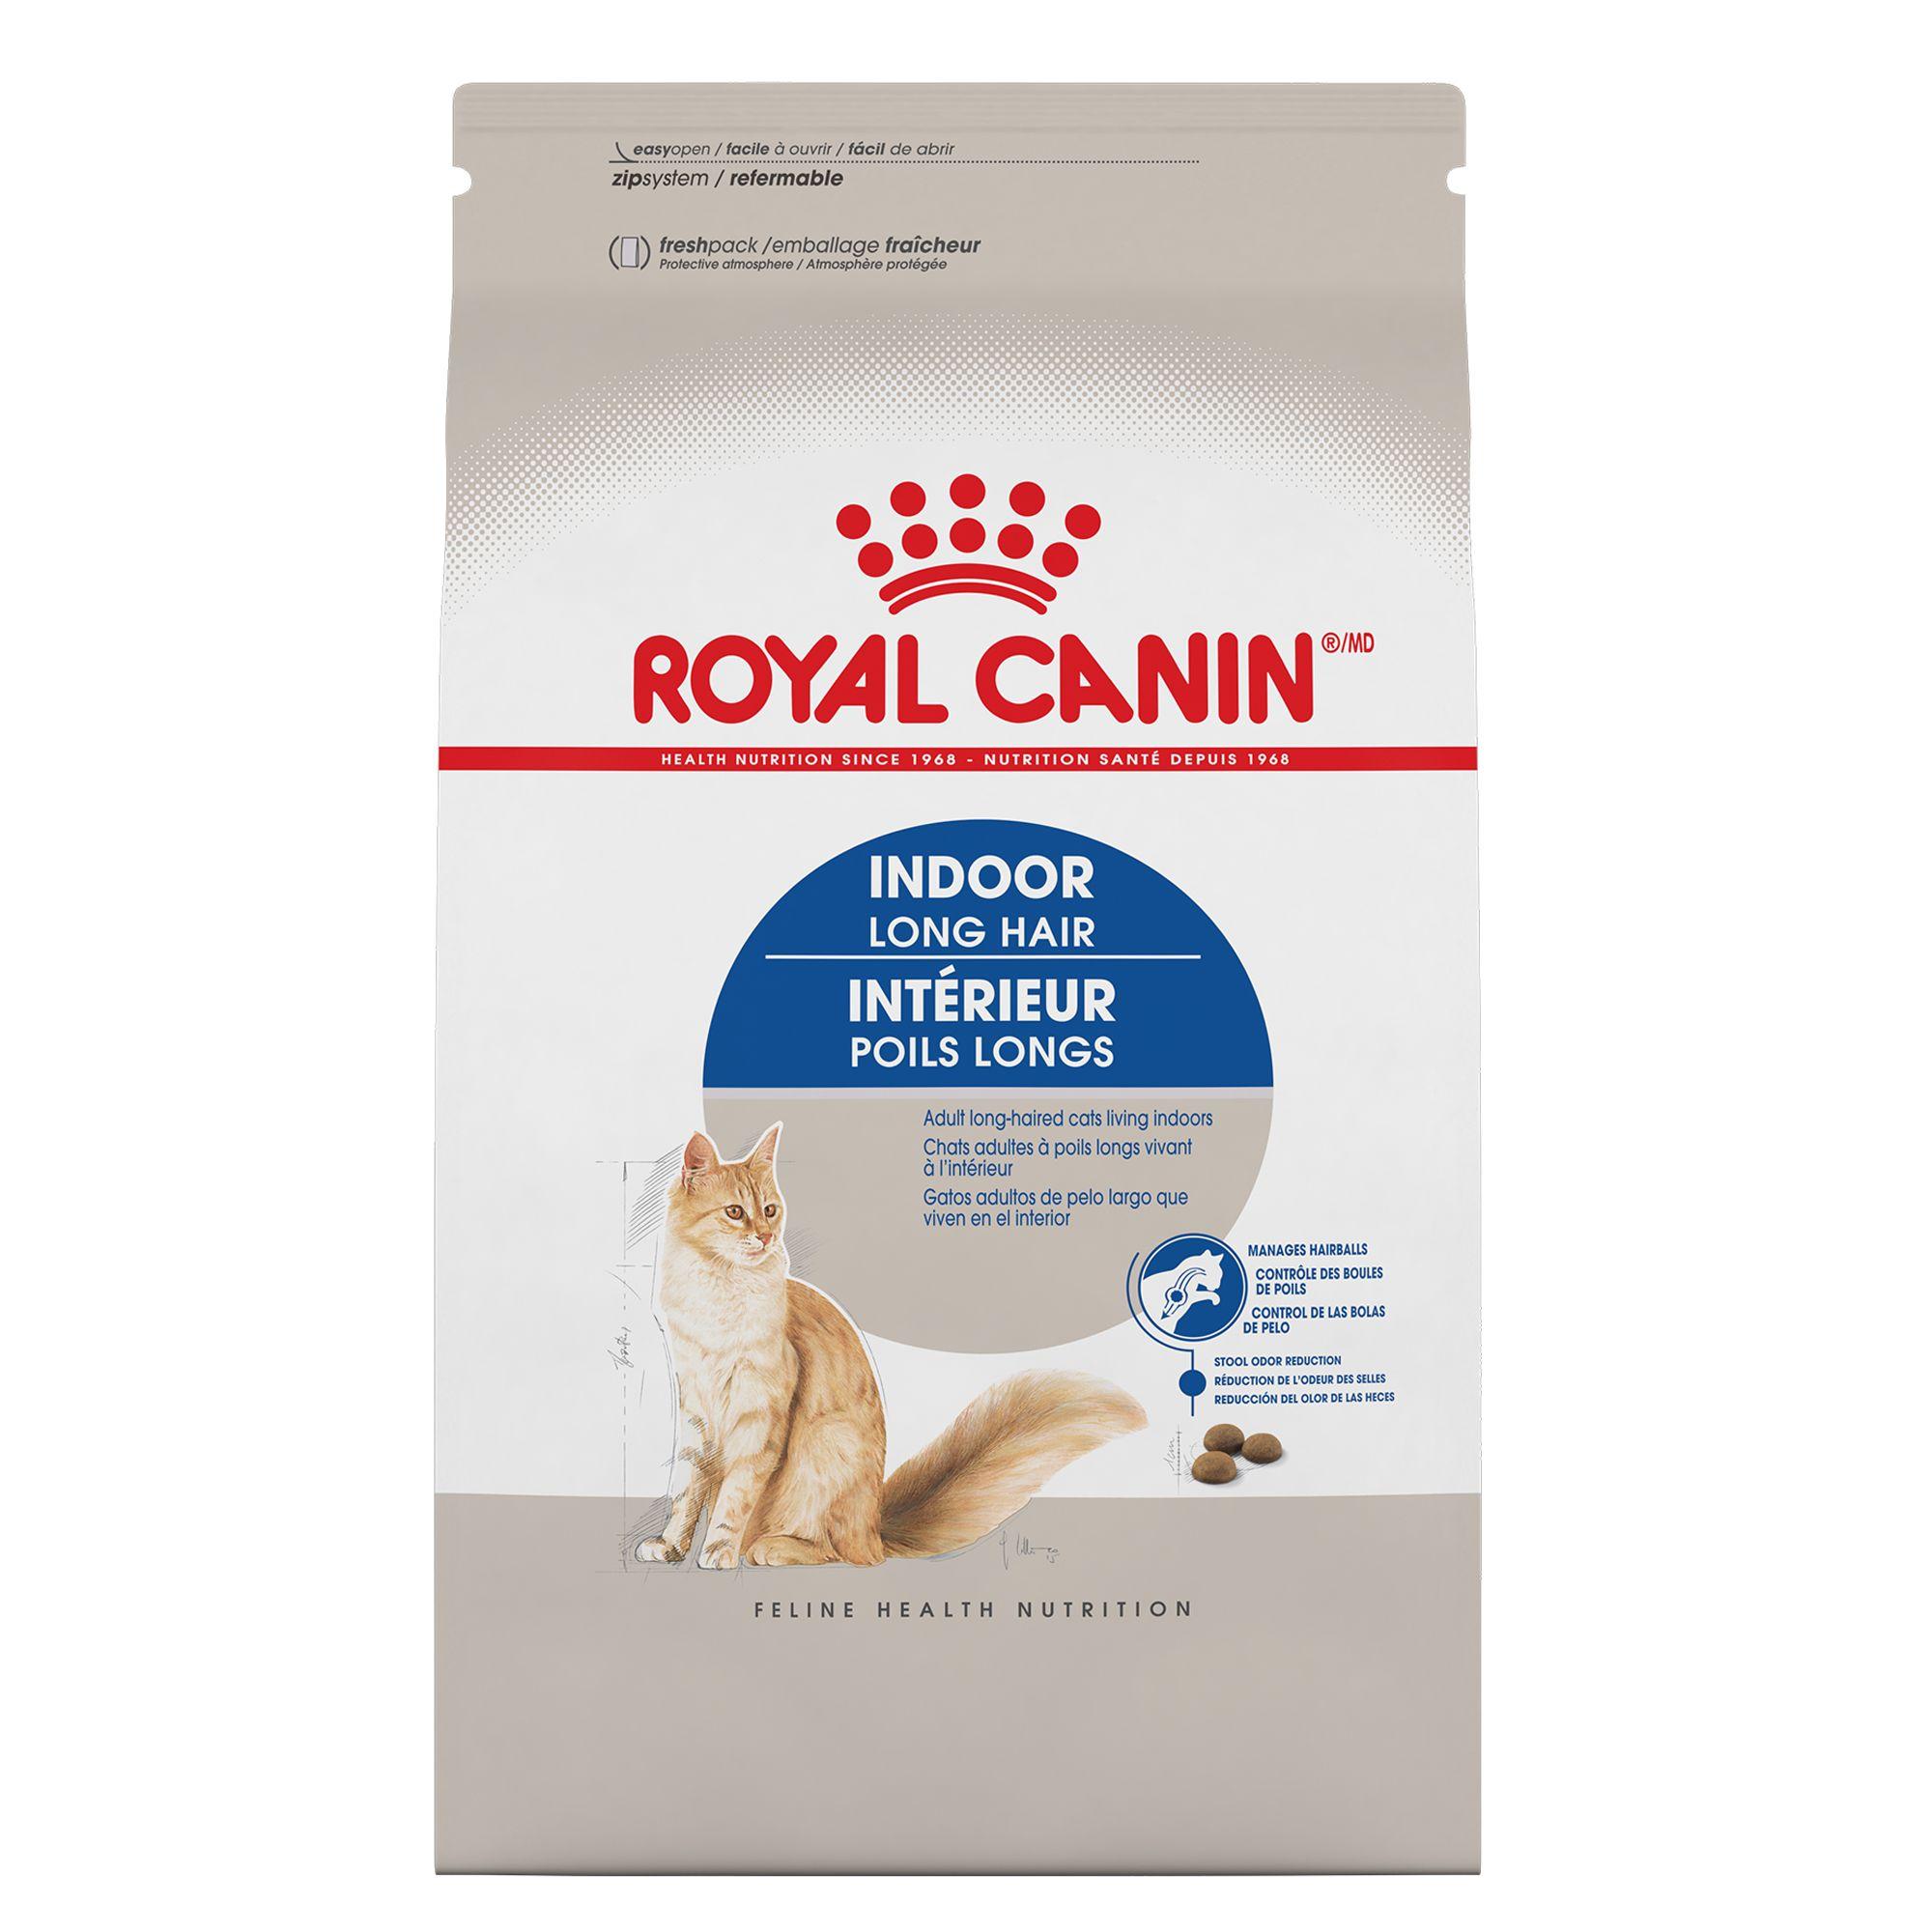 Royal Canin Feline Health Nutrition Indoor Long Hair Cat Food